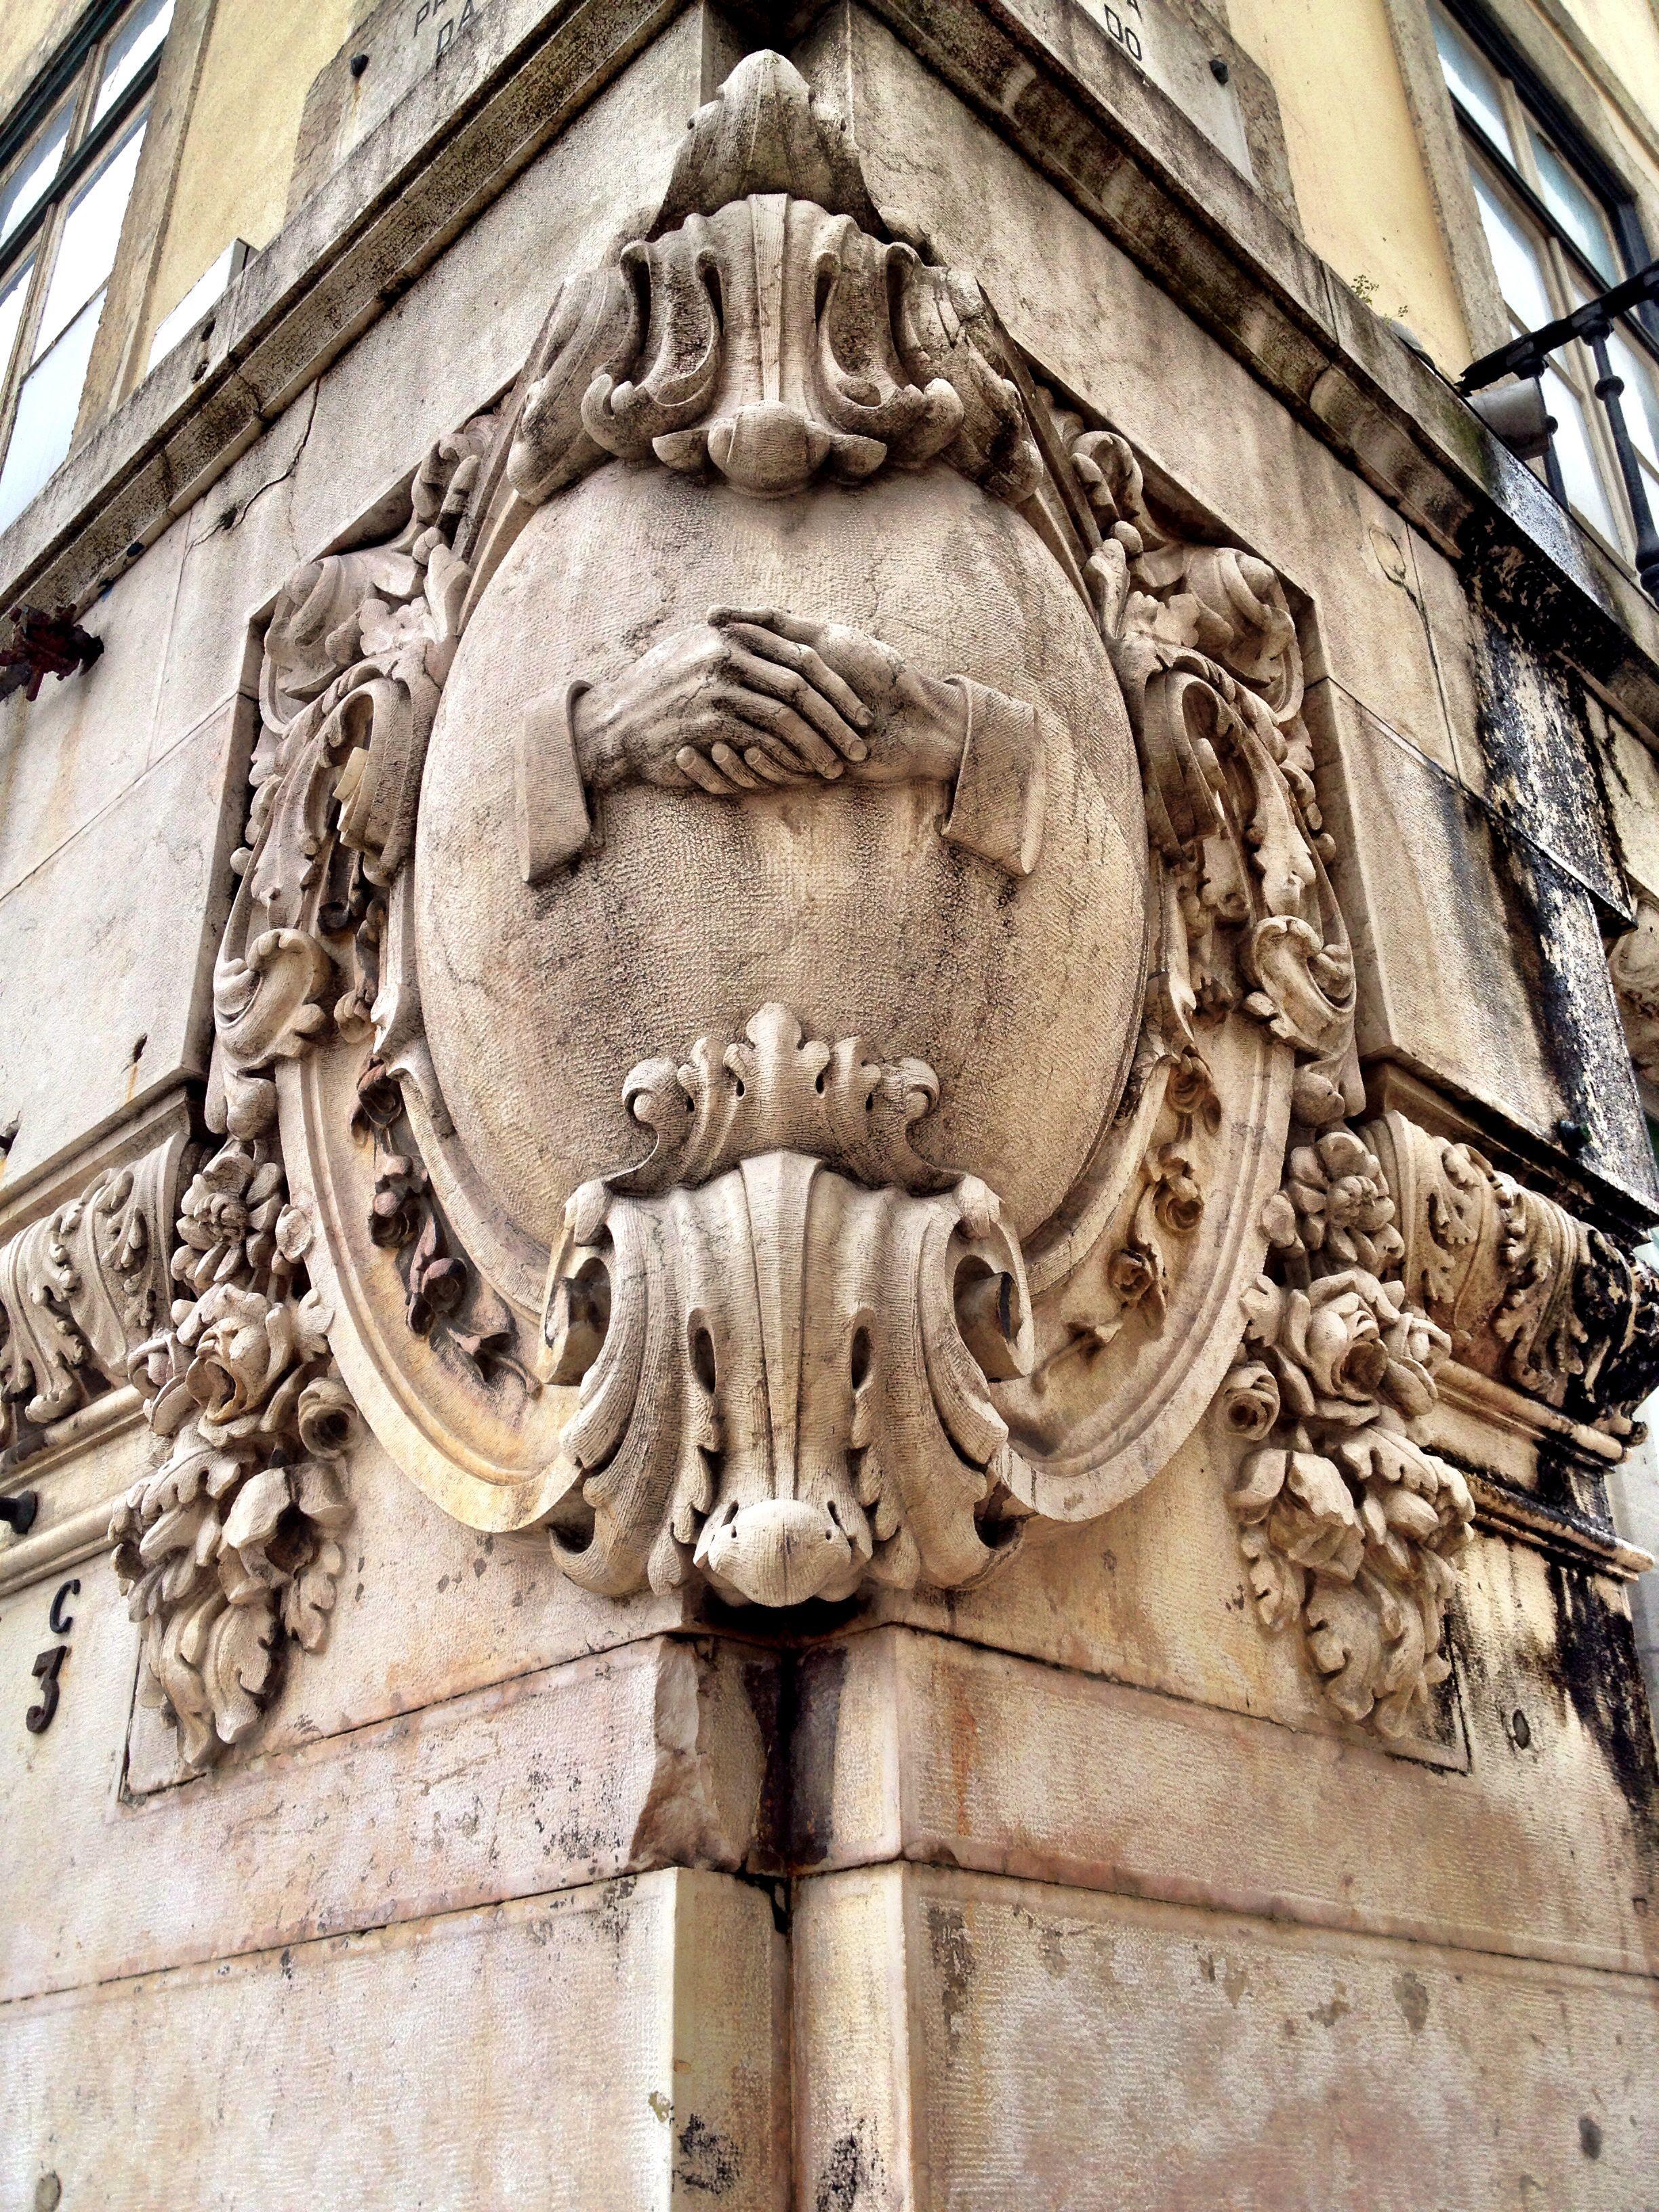 Detail on an old building, Praça da Figueira, Lisbon #Portugal